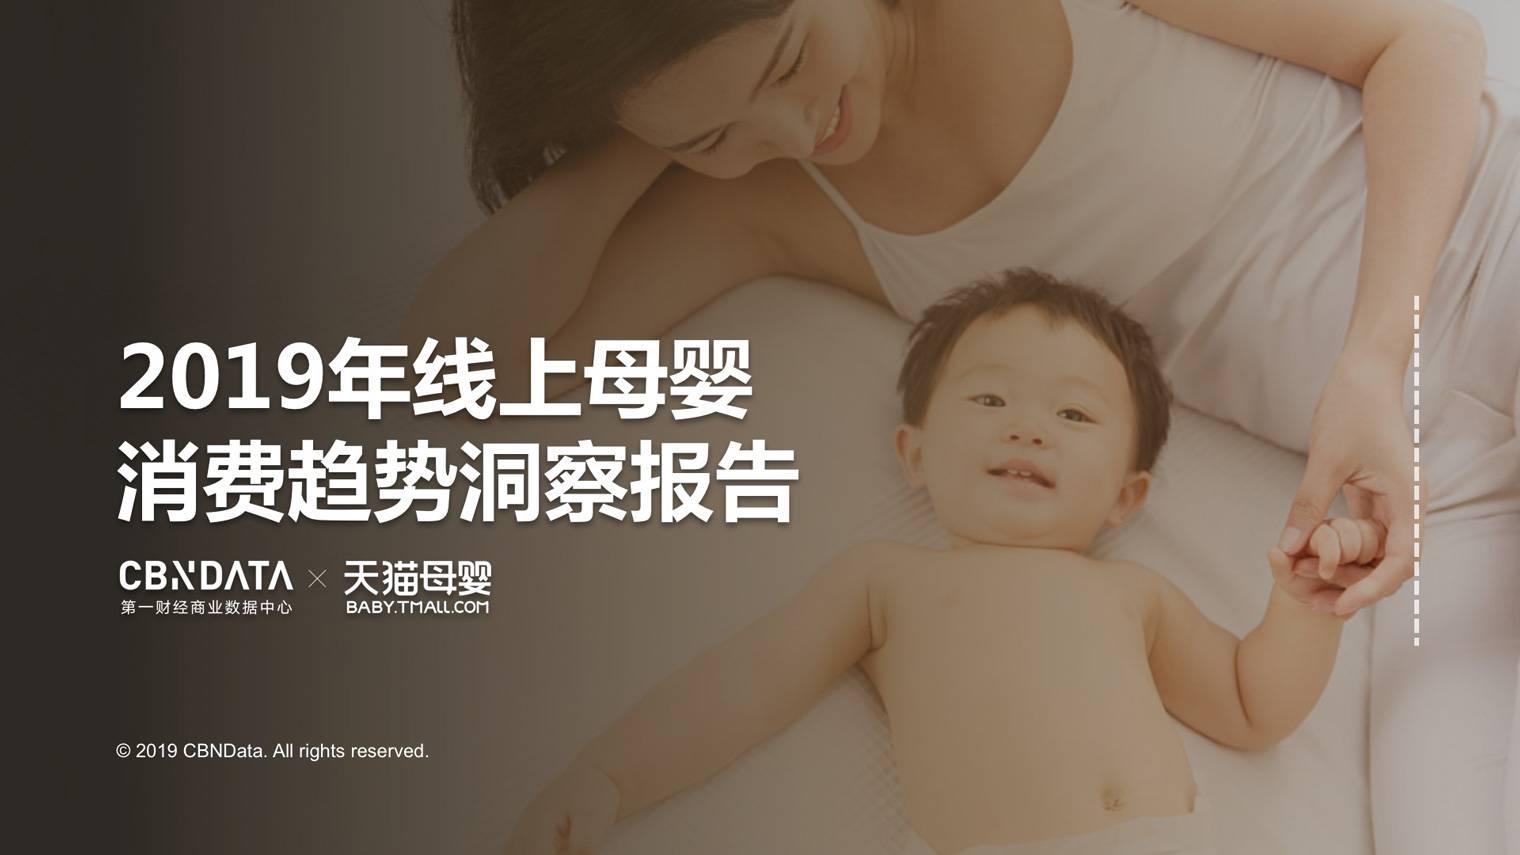 这届宝宝流行穿汉服?母婴市场5大增长点曝光